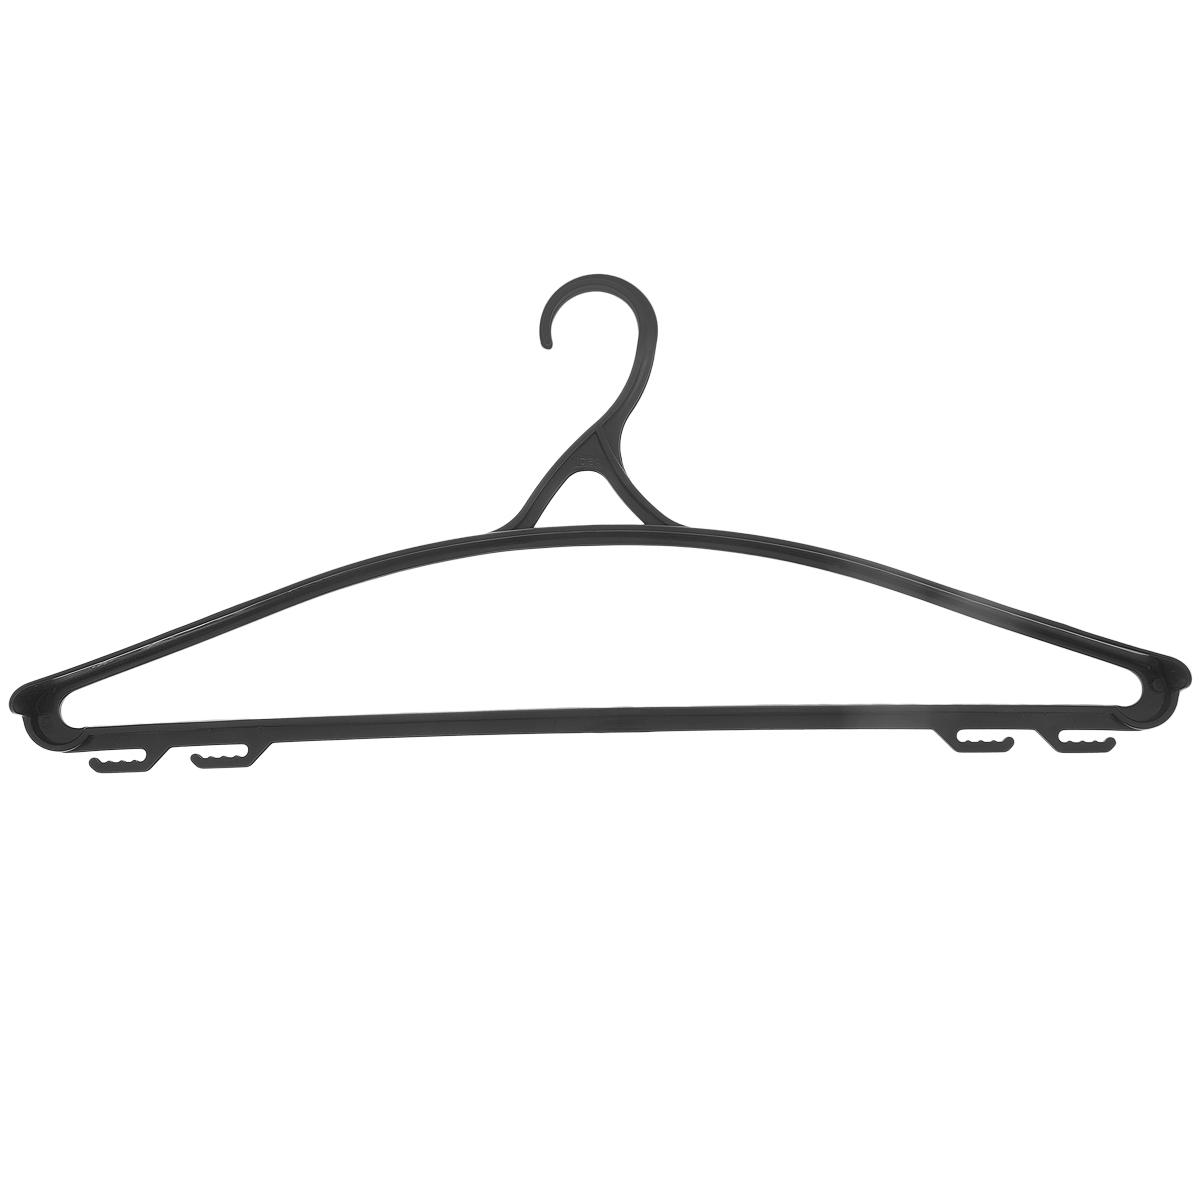 """Вешалка для одежды """"М-пластика"""", цвет: черный, размер 50-52"""